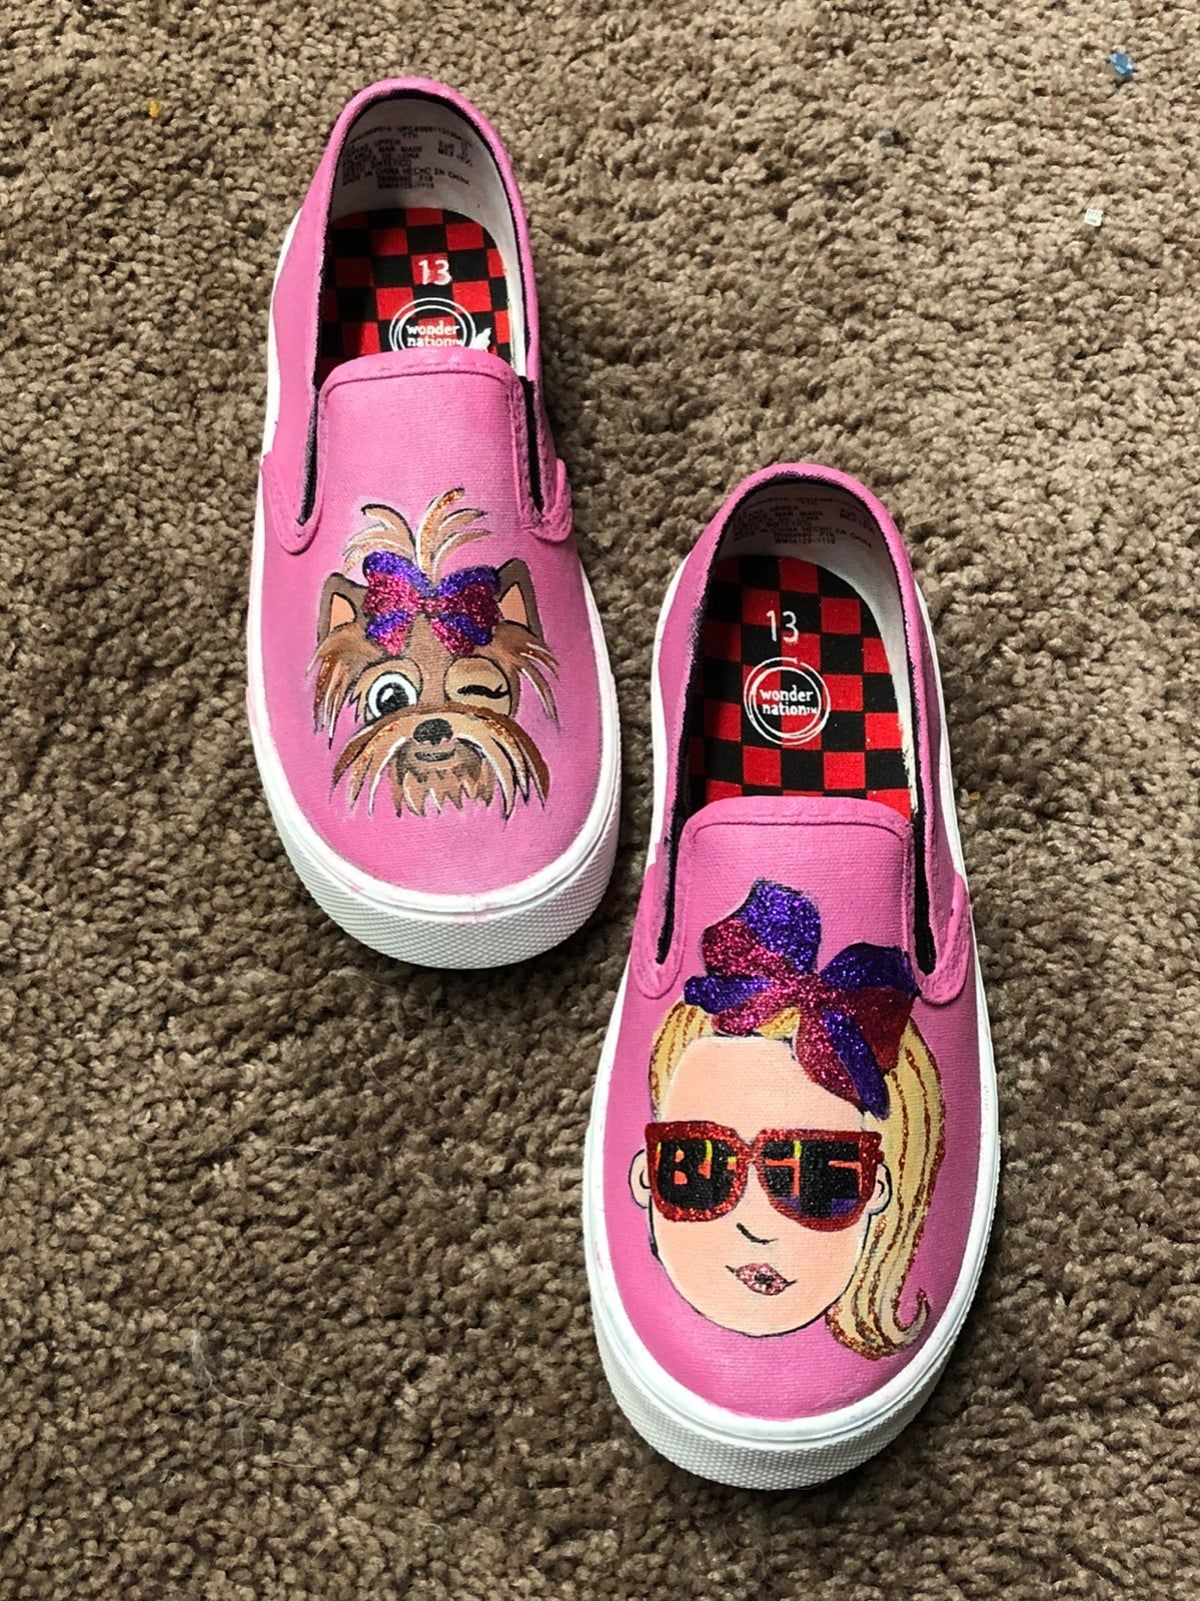 Size 13 JoJo Siwa Shoes in 2020 | Jojo